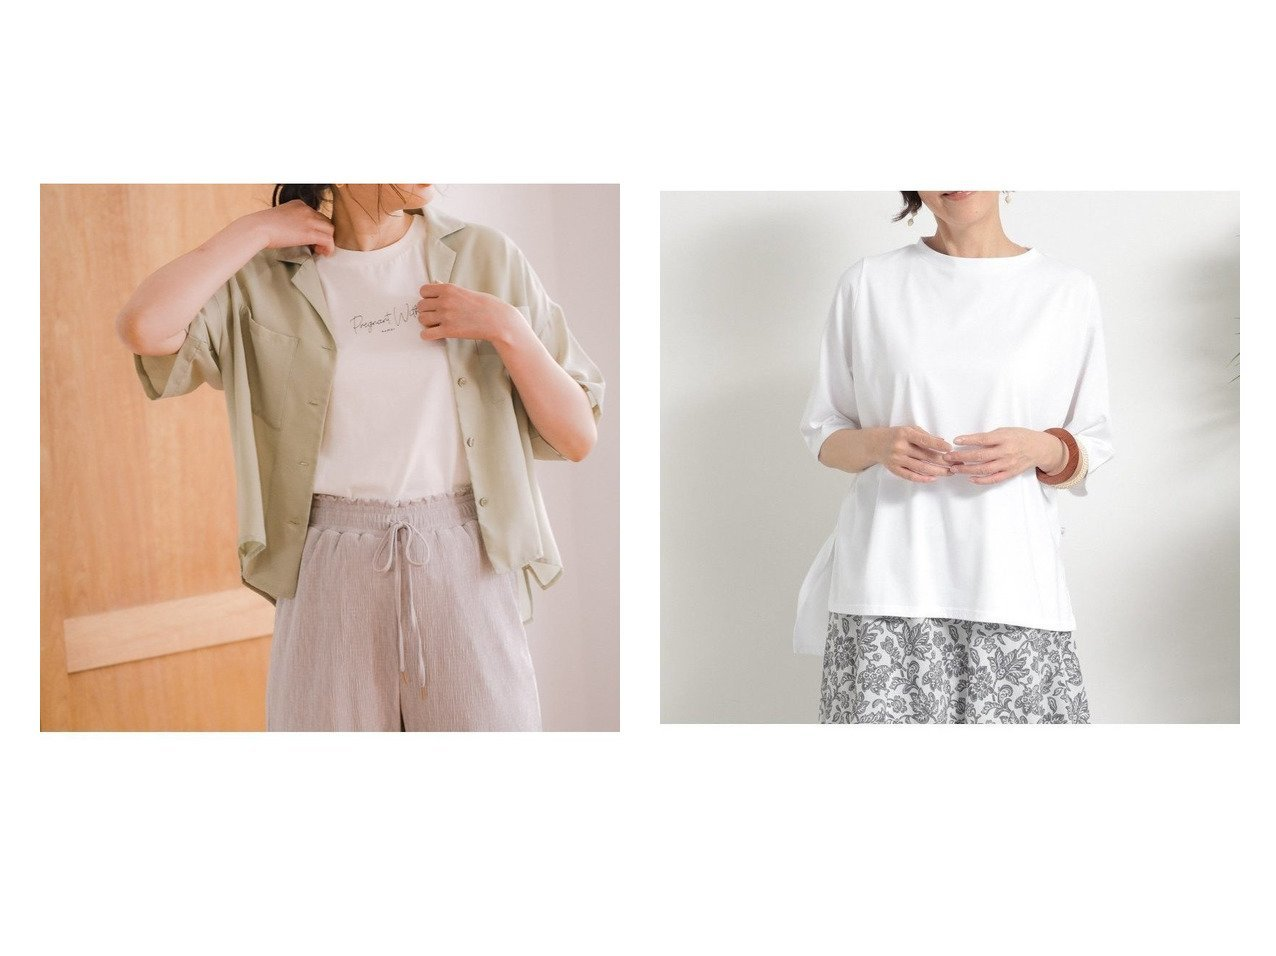 【studio CLIP/スタディオ クリップ】のキュウスイソッカンレイカンTSH&【GLOBAL WORK/グローバルワーク】のケアラククロップドシャツSS 【プチプライス・低価格】おすすめ!人気、トレンド・レディースファッションの通販 おすすめで人気の流行・トレンド、ファッションの通販商品 インテリア・家具・メンズファッション・キッズファッション・レディースファッション・服の通販 founy(ファニー) https://founy.com/ ファッション Fashion レディースファッション WOMEN トップス・カットソー Tops/Tshirt シャツ/ブラウス Shirts/Blouses ロング / Tシャツ T-Shirts カットソー Cut and Sewn カットソー シンプル スリット 吸水 夏 Summer S/S・春夏 SS・Spring/Summer おすすめ Recommend 半袖  ID:crp329100000054156